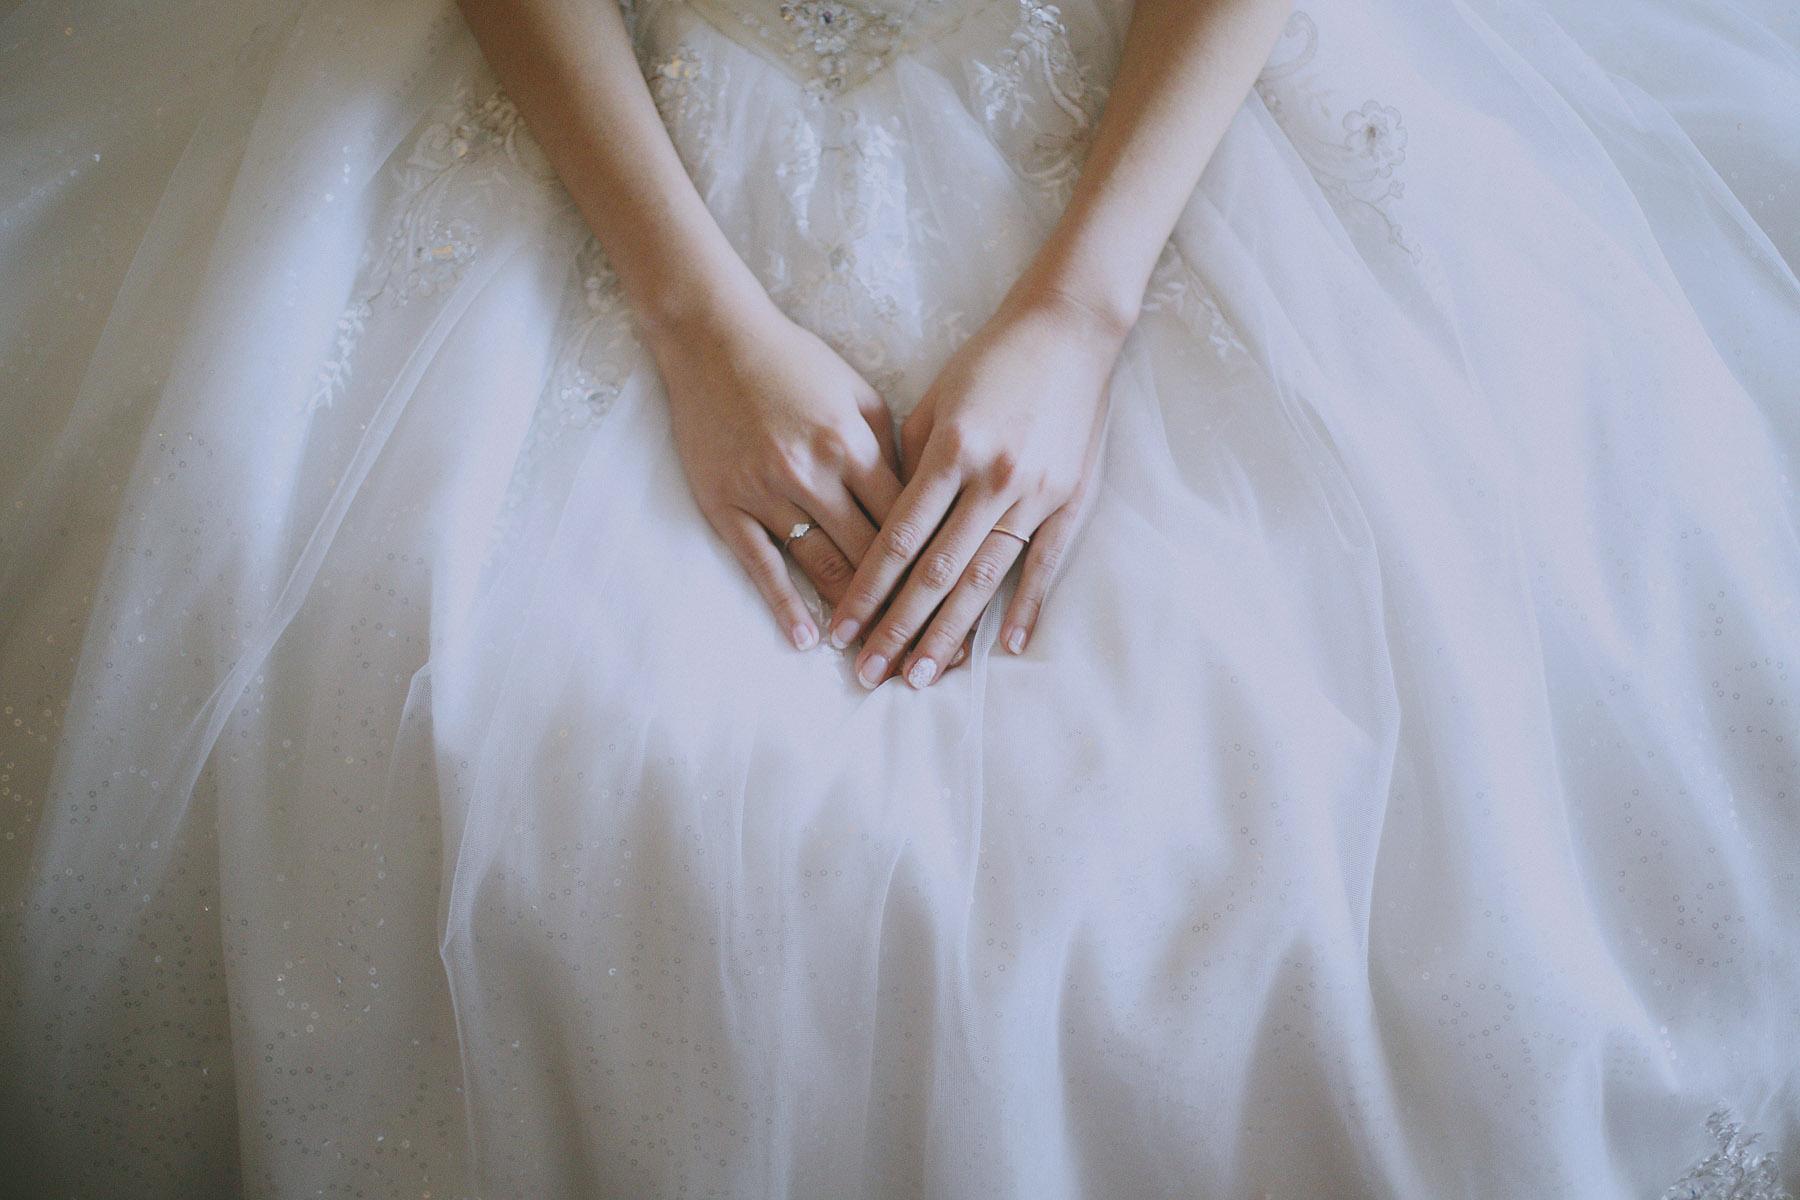 婚禮攝影,婚攝,婚禮紀錄,底片,自然風格,台北